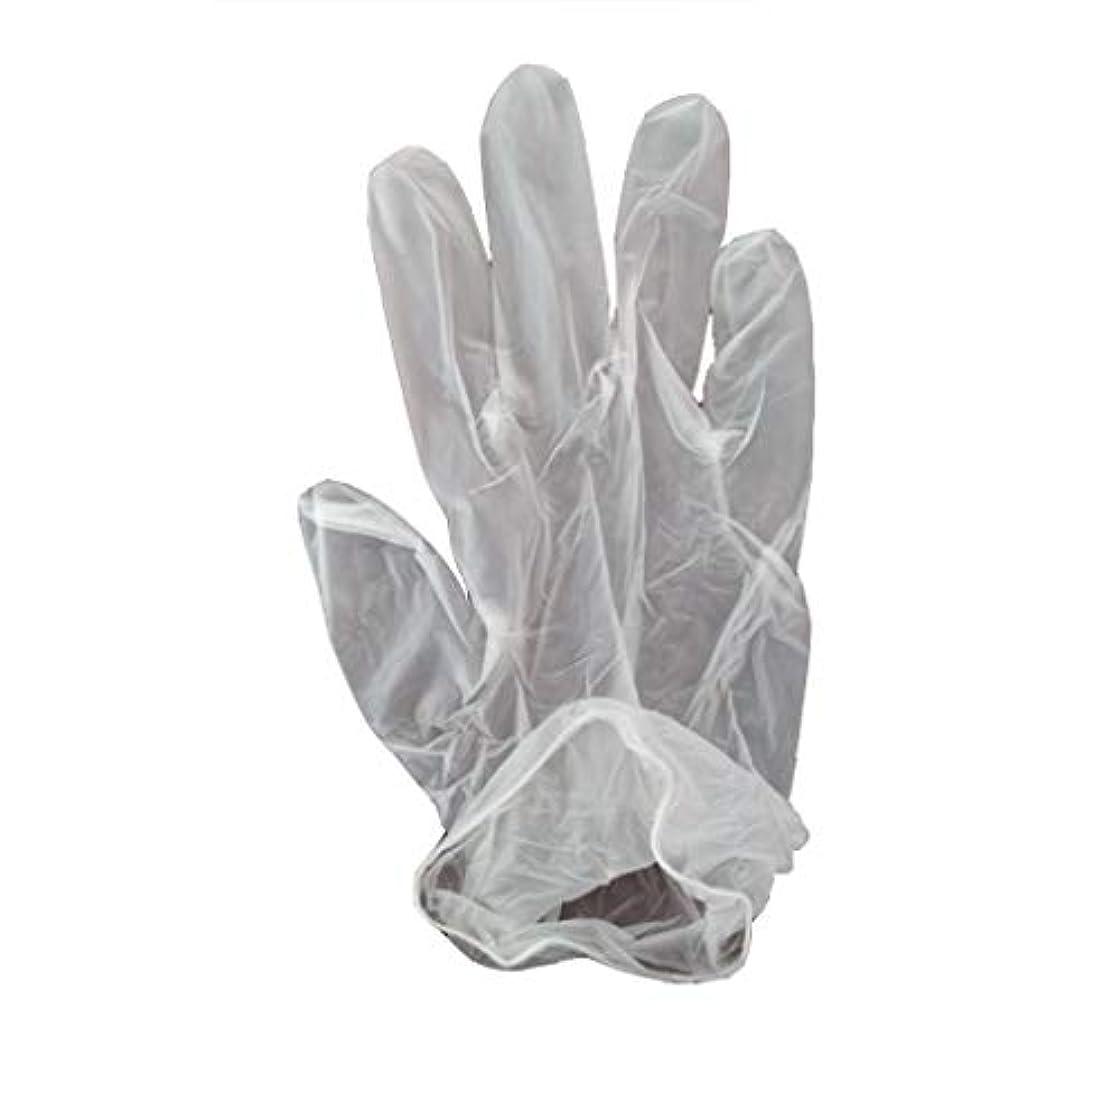 読者腐敗した素朴な100箱の使い捨て手袋、PVC手袋、透明で濃厚なヘアケア手袋。 (サイズ さいず : XL, UnitCount : 200 only)